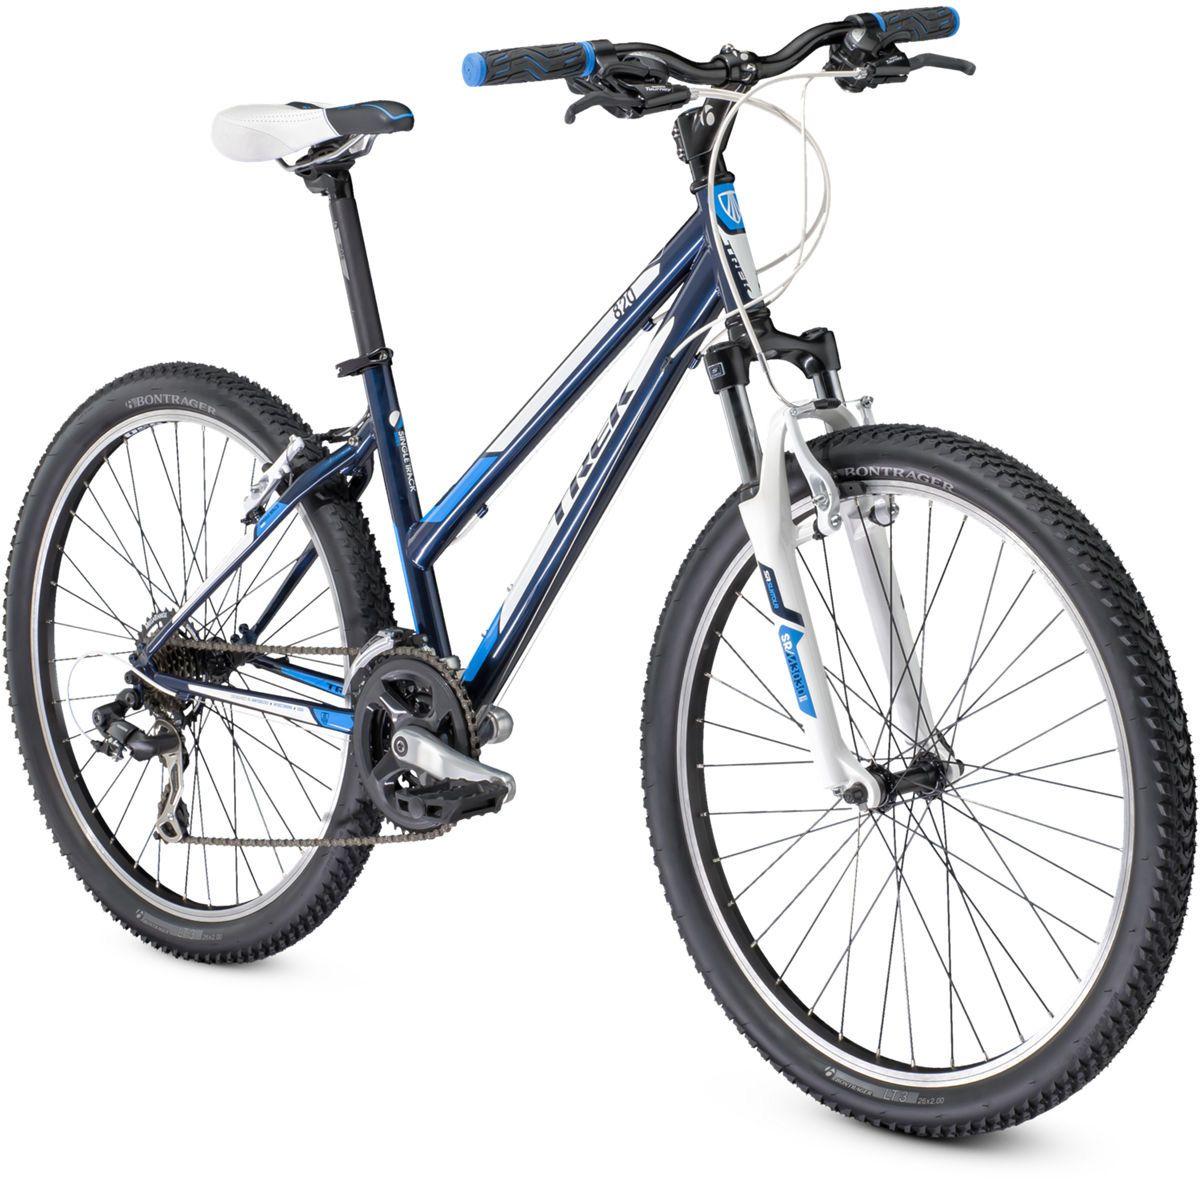 Trek 820 Wsd This Looks Exactly Like My New Mountain Bike Trek